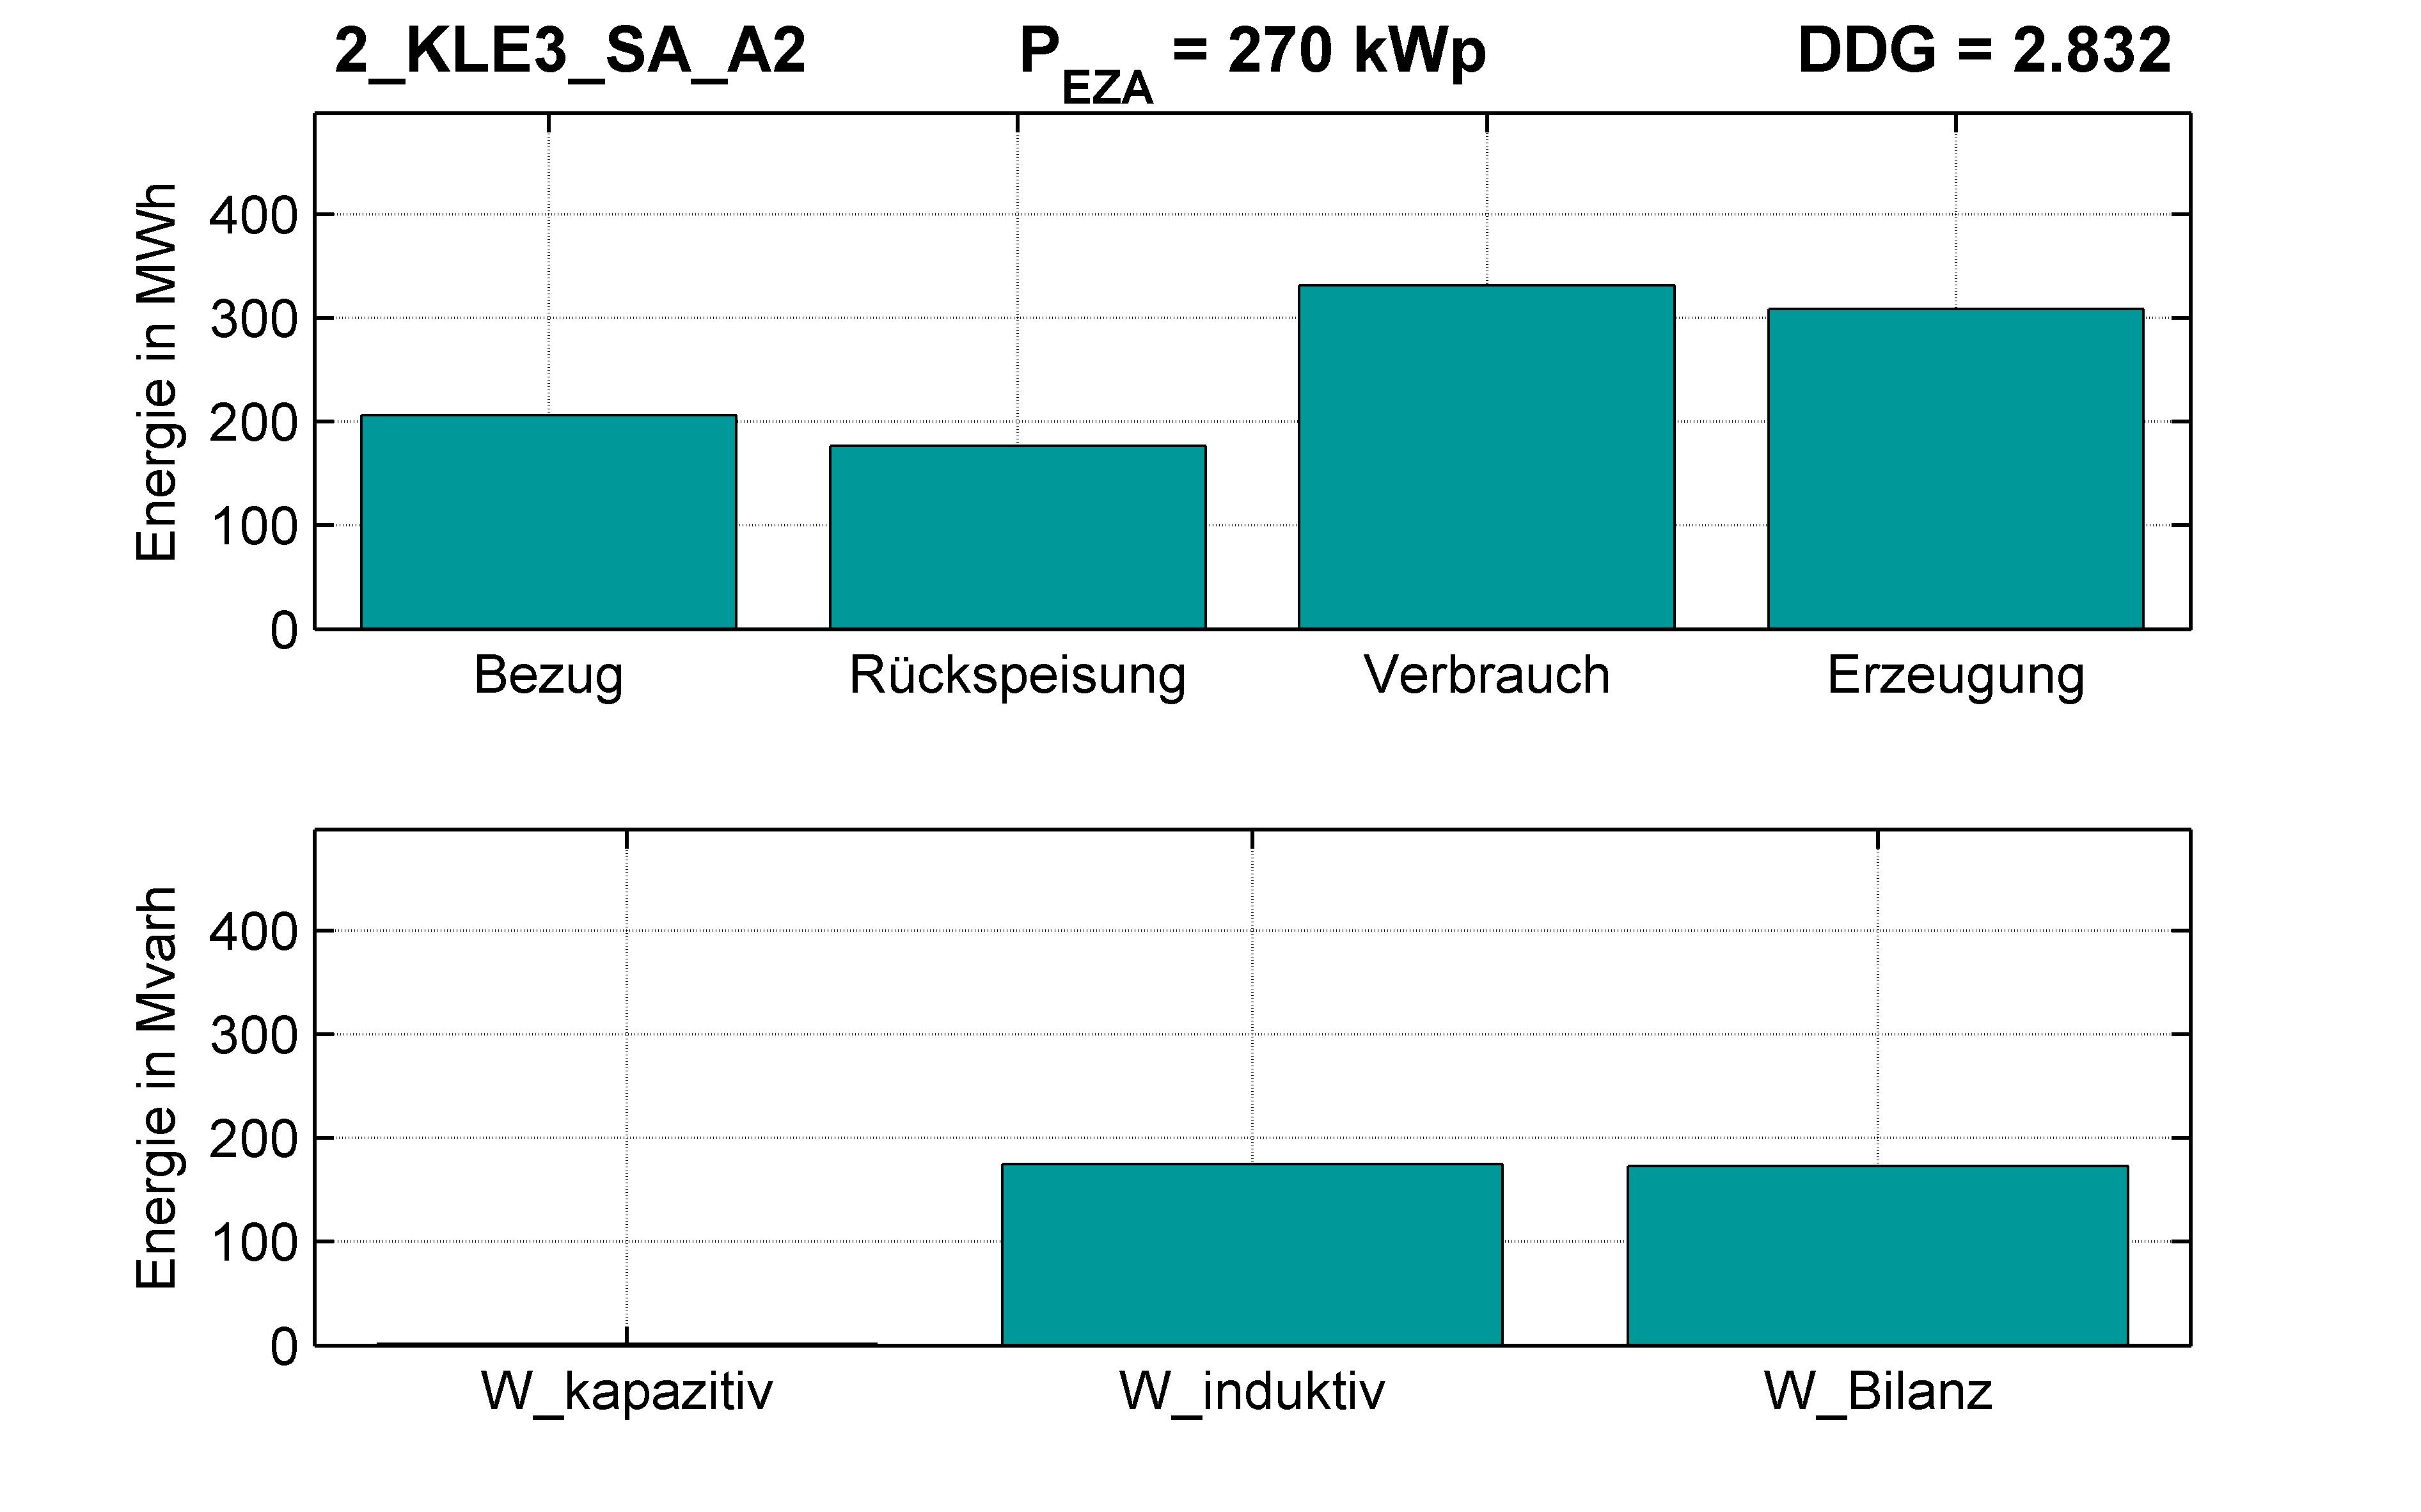 KLE3 | P-Kappung 85% (SA) A2 | PQ-Bilanz